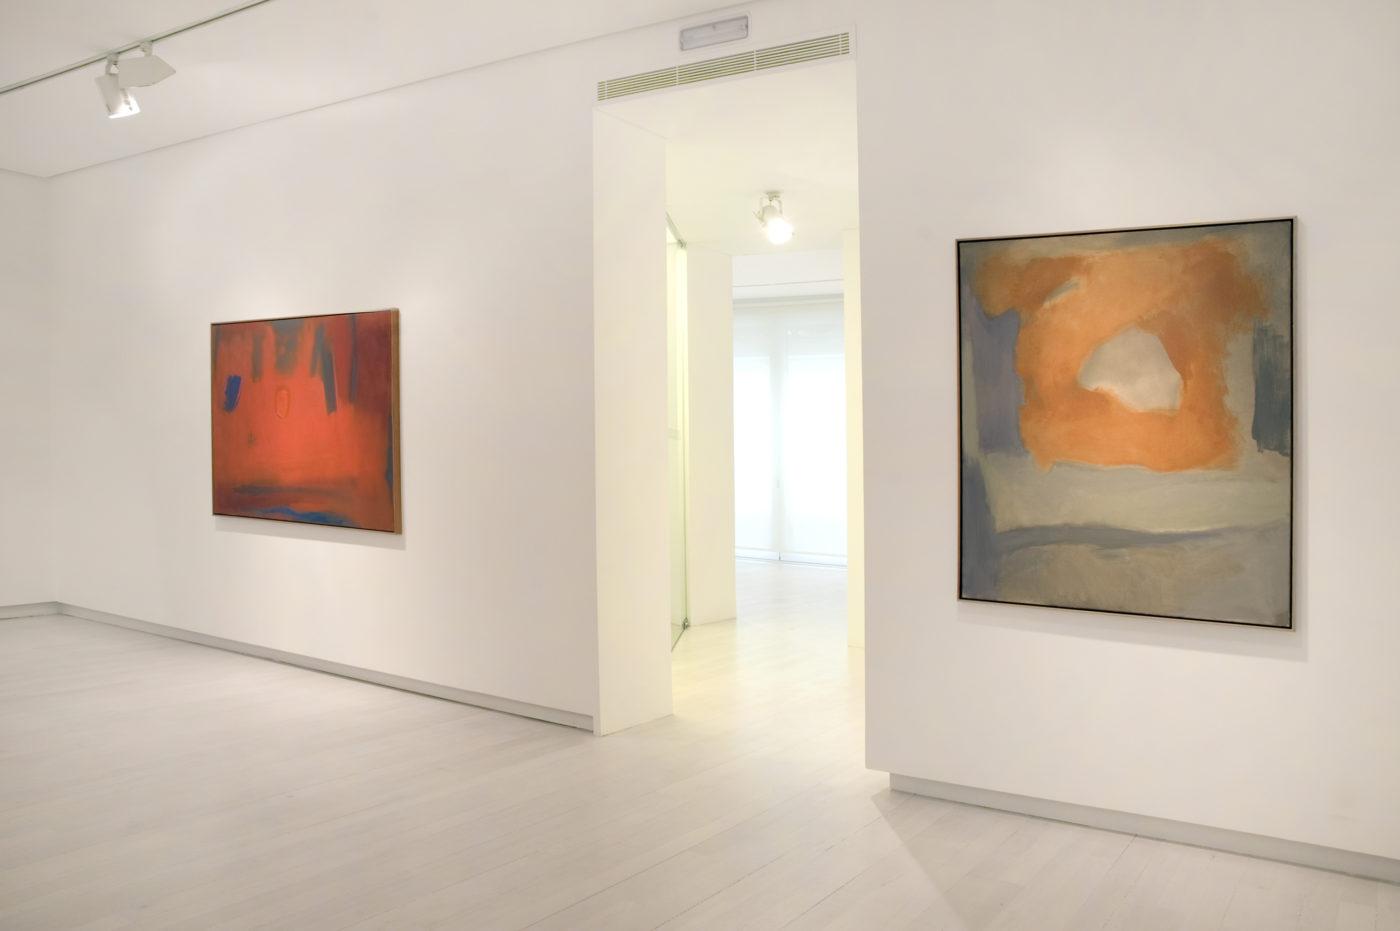 Esteban Vicente Vistas Exposición, 2011 Galería Elvira González